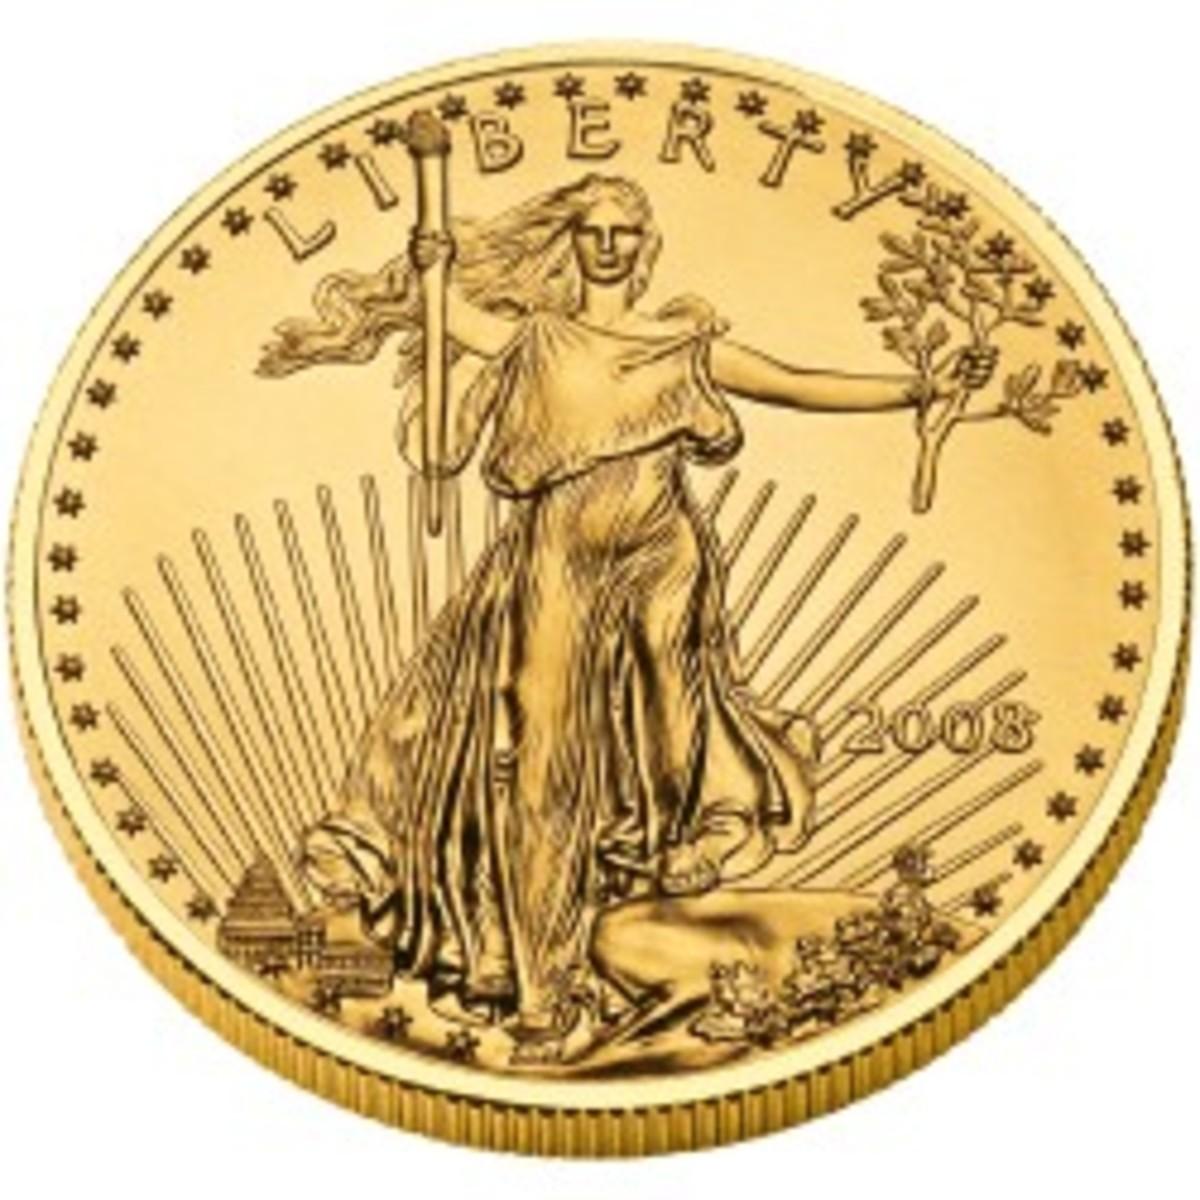 GoldBullionobv.jpg